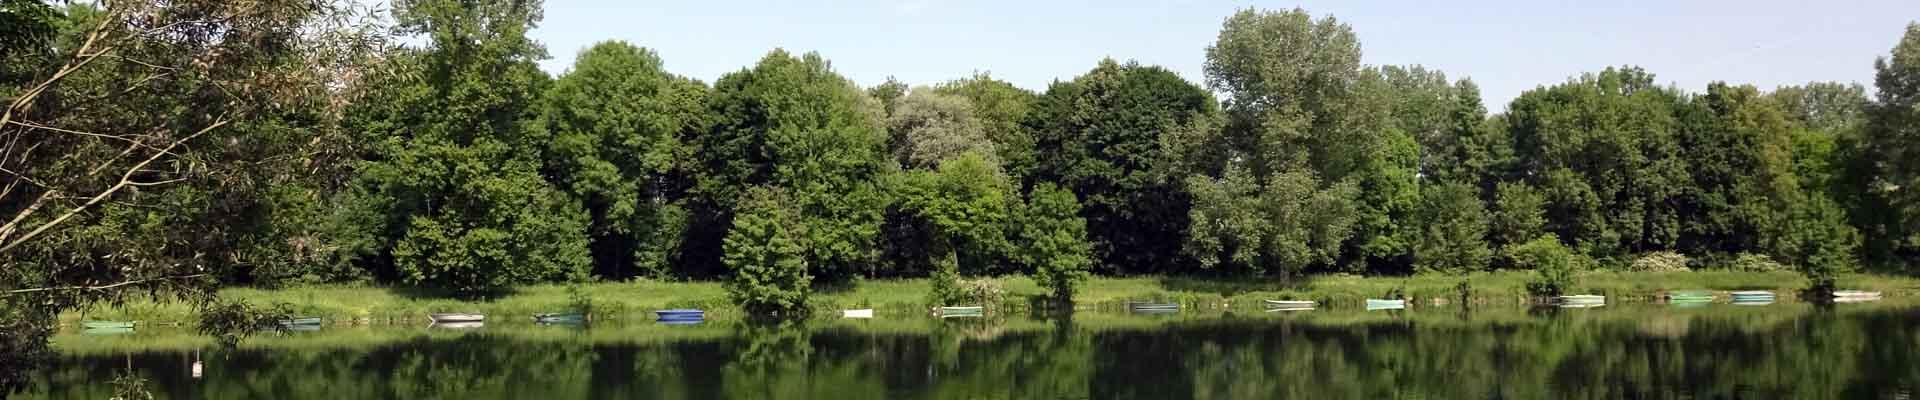 Isar-Donau-tour - Landshut-Deggendorf